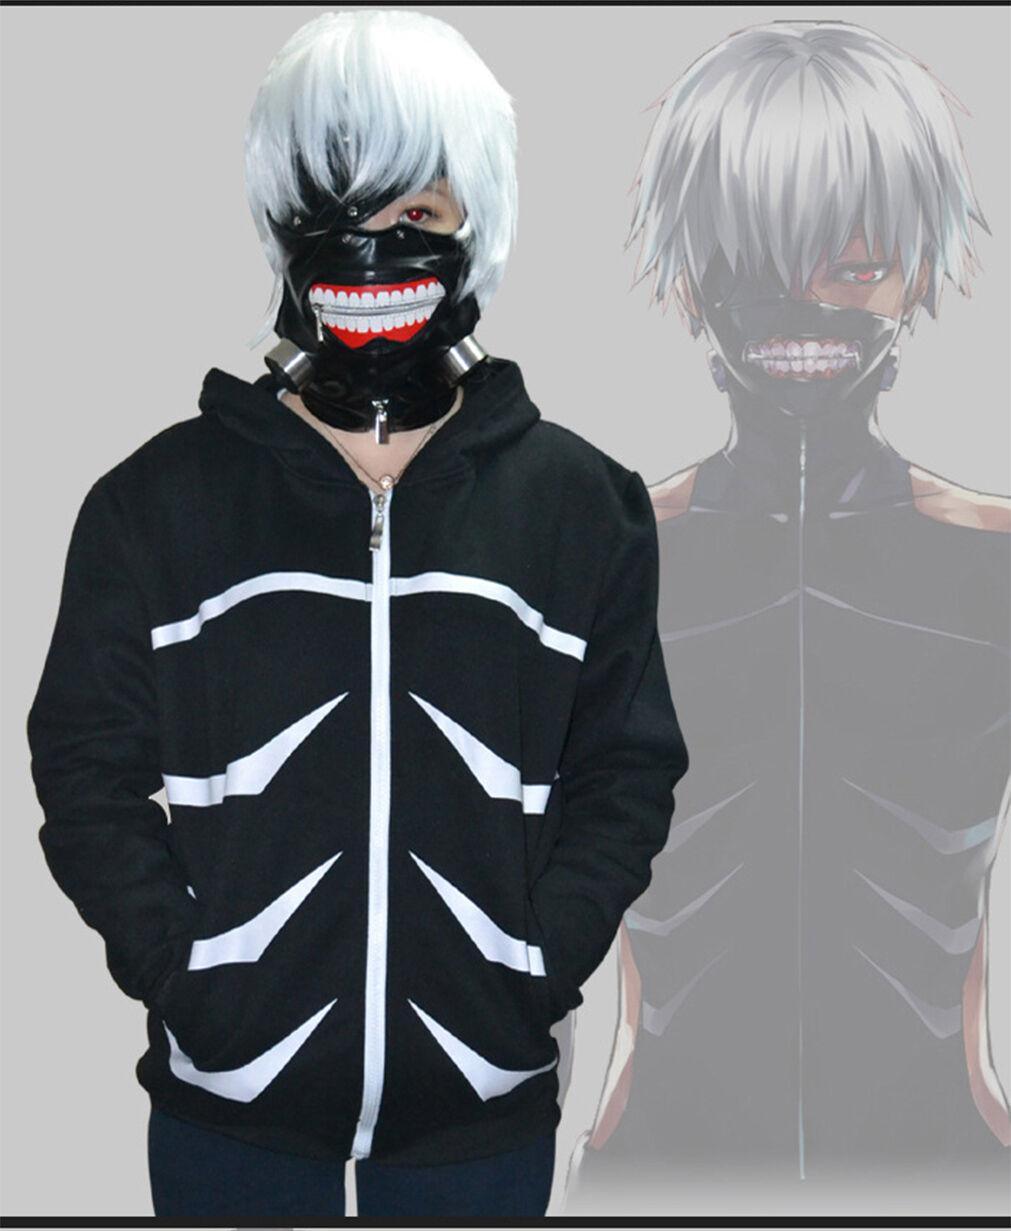 Details about anime tokyo ghoul kaneki ken hoodie costume cosplay jacket hoodie coat black new